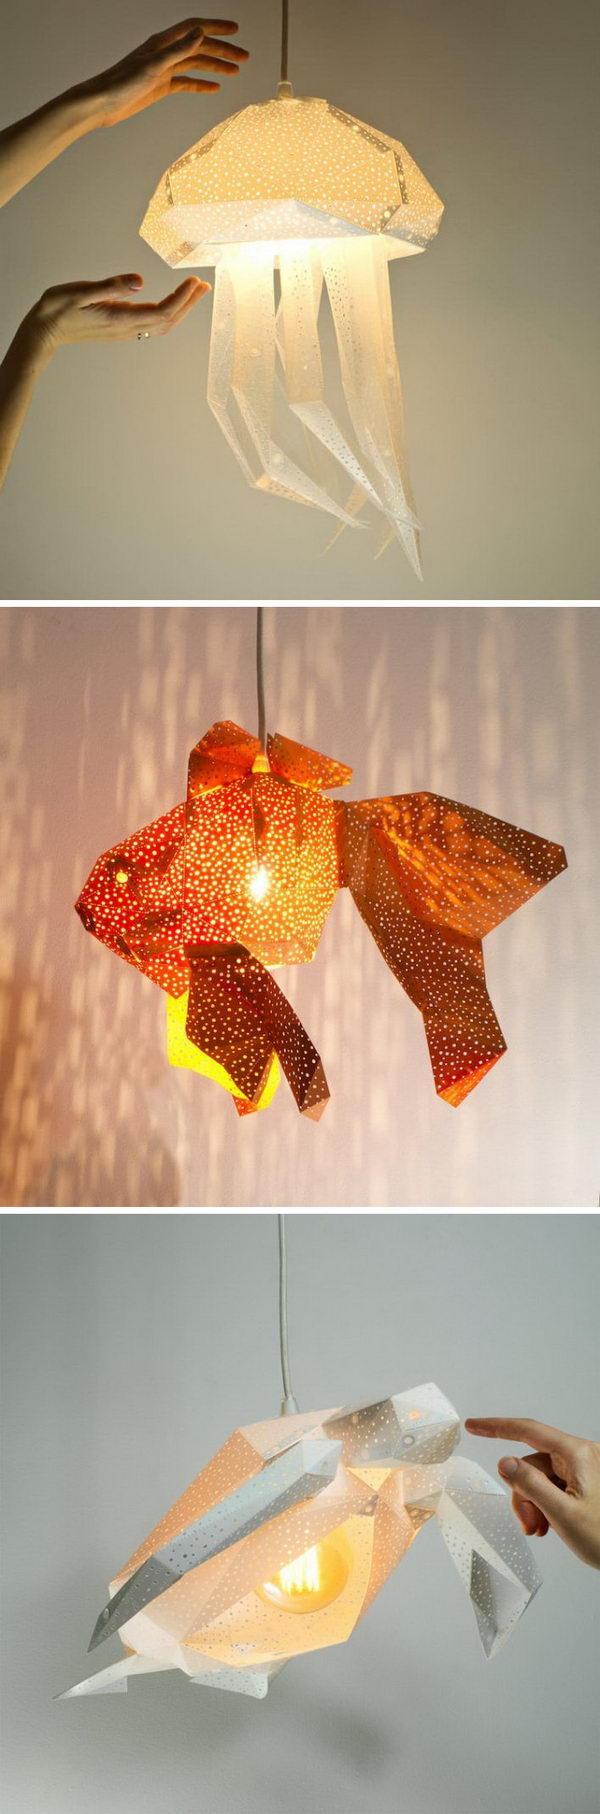 3 lamp ideas diy - 20 Easy DIY Lamp Ideas for Home Decor